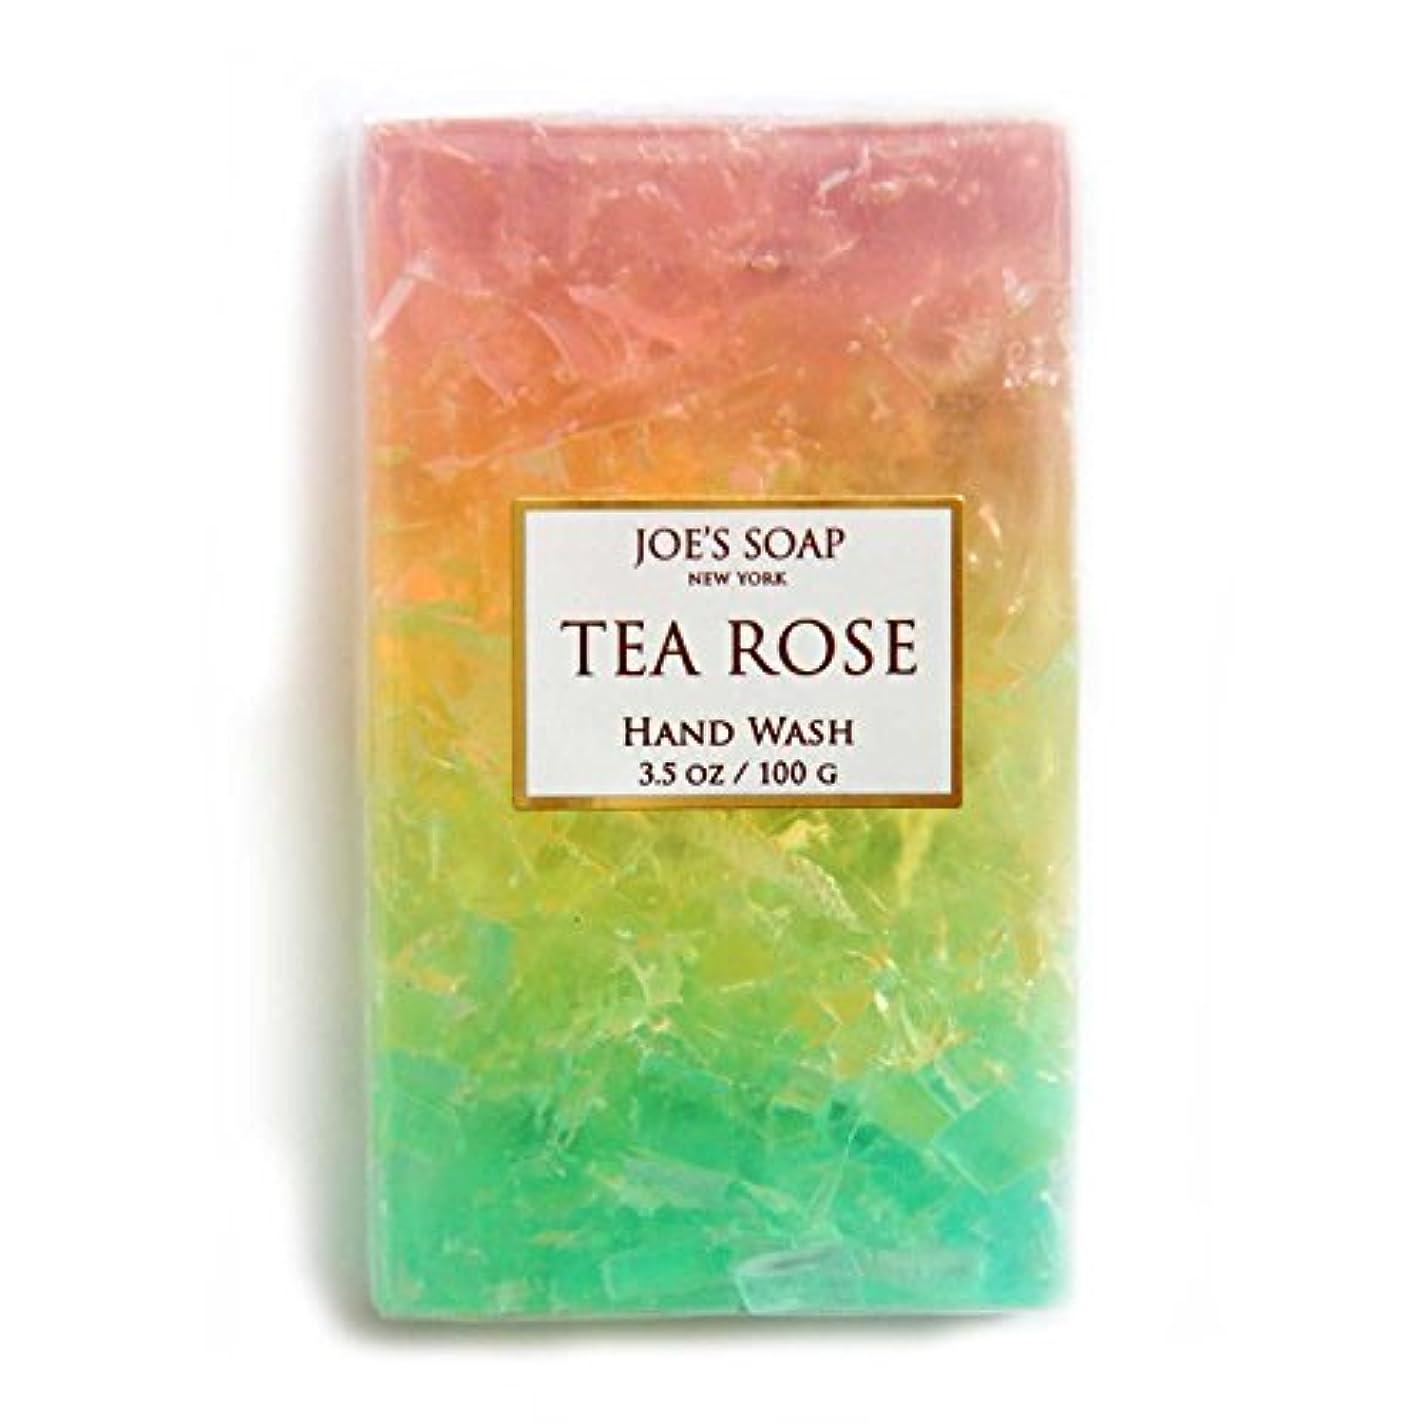 スナップフェンス飾るJOE'S SOAP ジョーズソープ グラスソープ 100g 石けん ボディソープ 洗顔料 せっけん 固形 ギフト